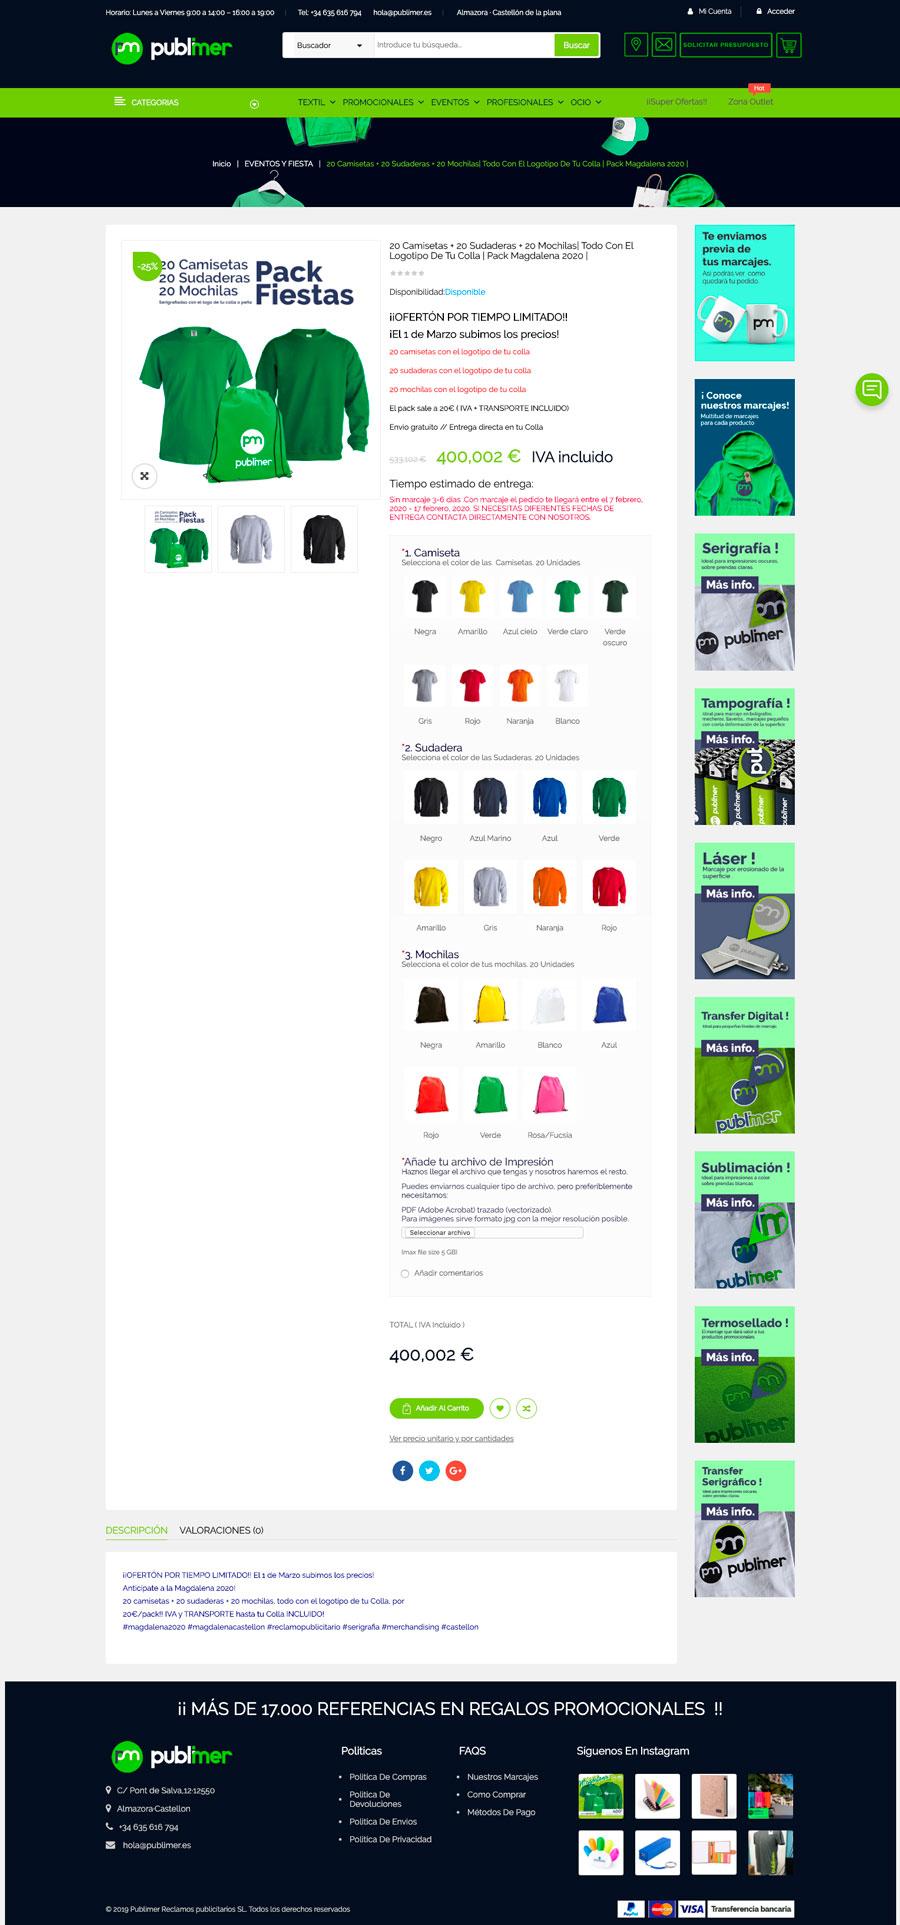 FireShot-Capture-064---20-camisetas-+-20-sudaderas-+-20-mochilas--Todo-con-el-logotipo-de-tu_---publimer.es